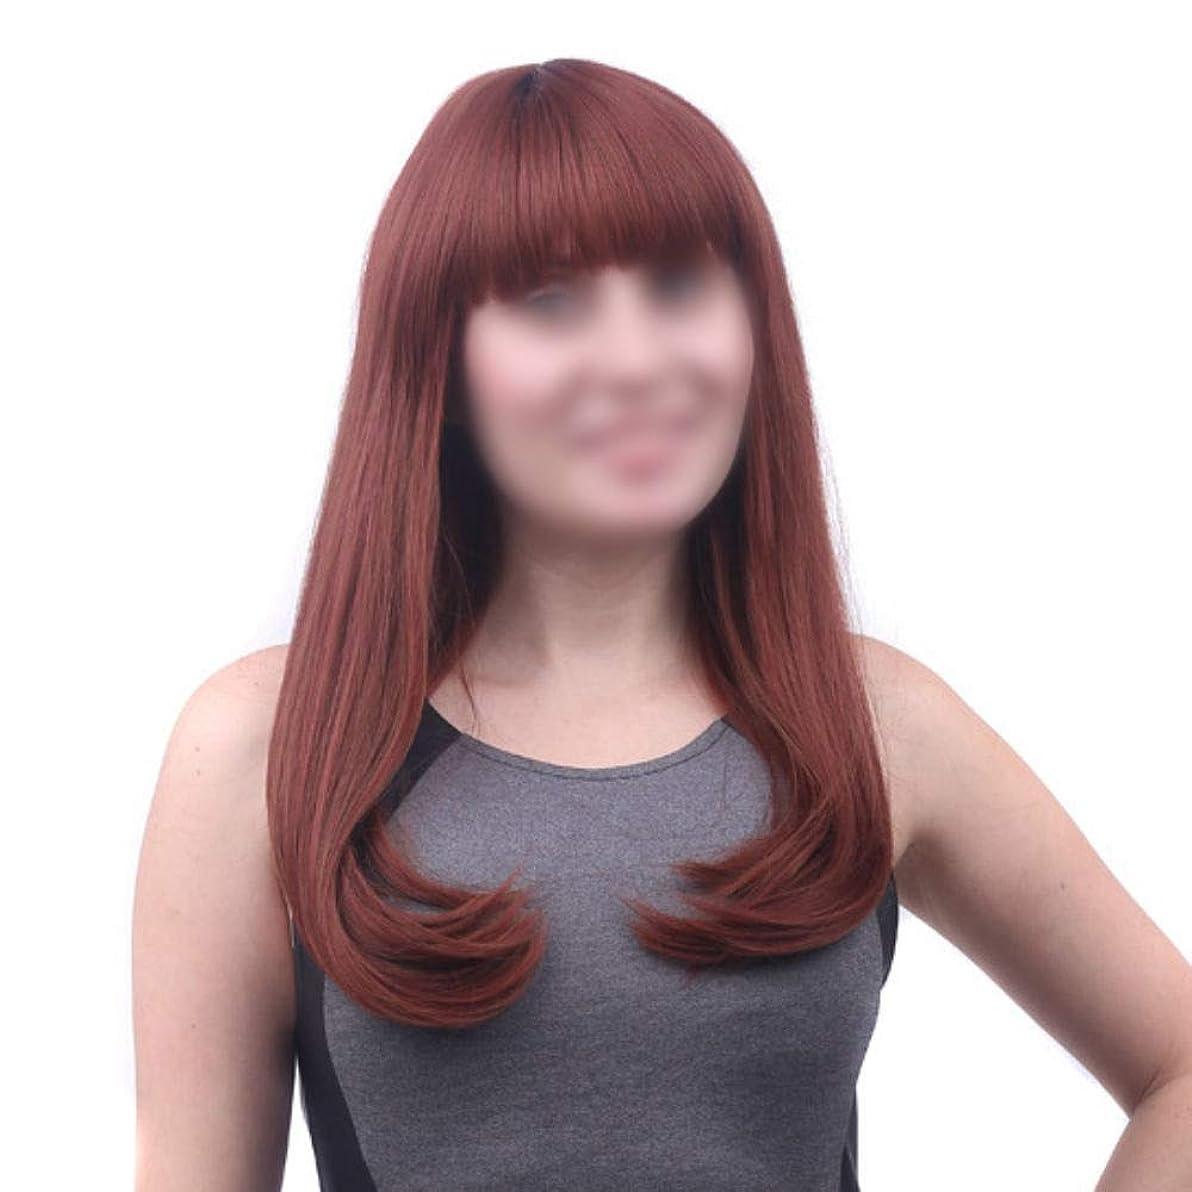 バリー流行している活発BOBIDYEE 女性のための前髪ロング絹のようなストレートナチュラルな髪の交換用のかつらパーティー用のかつら (Color : ブラウン, サイズ : 55cm)